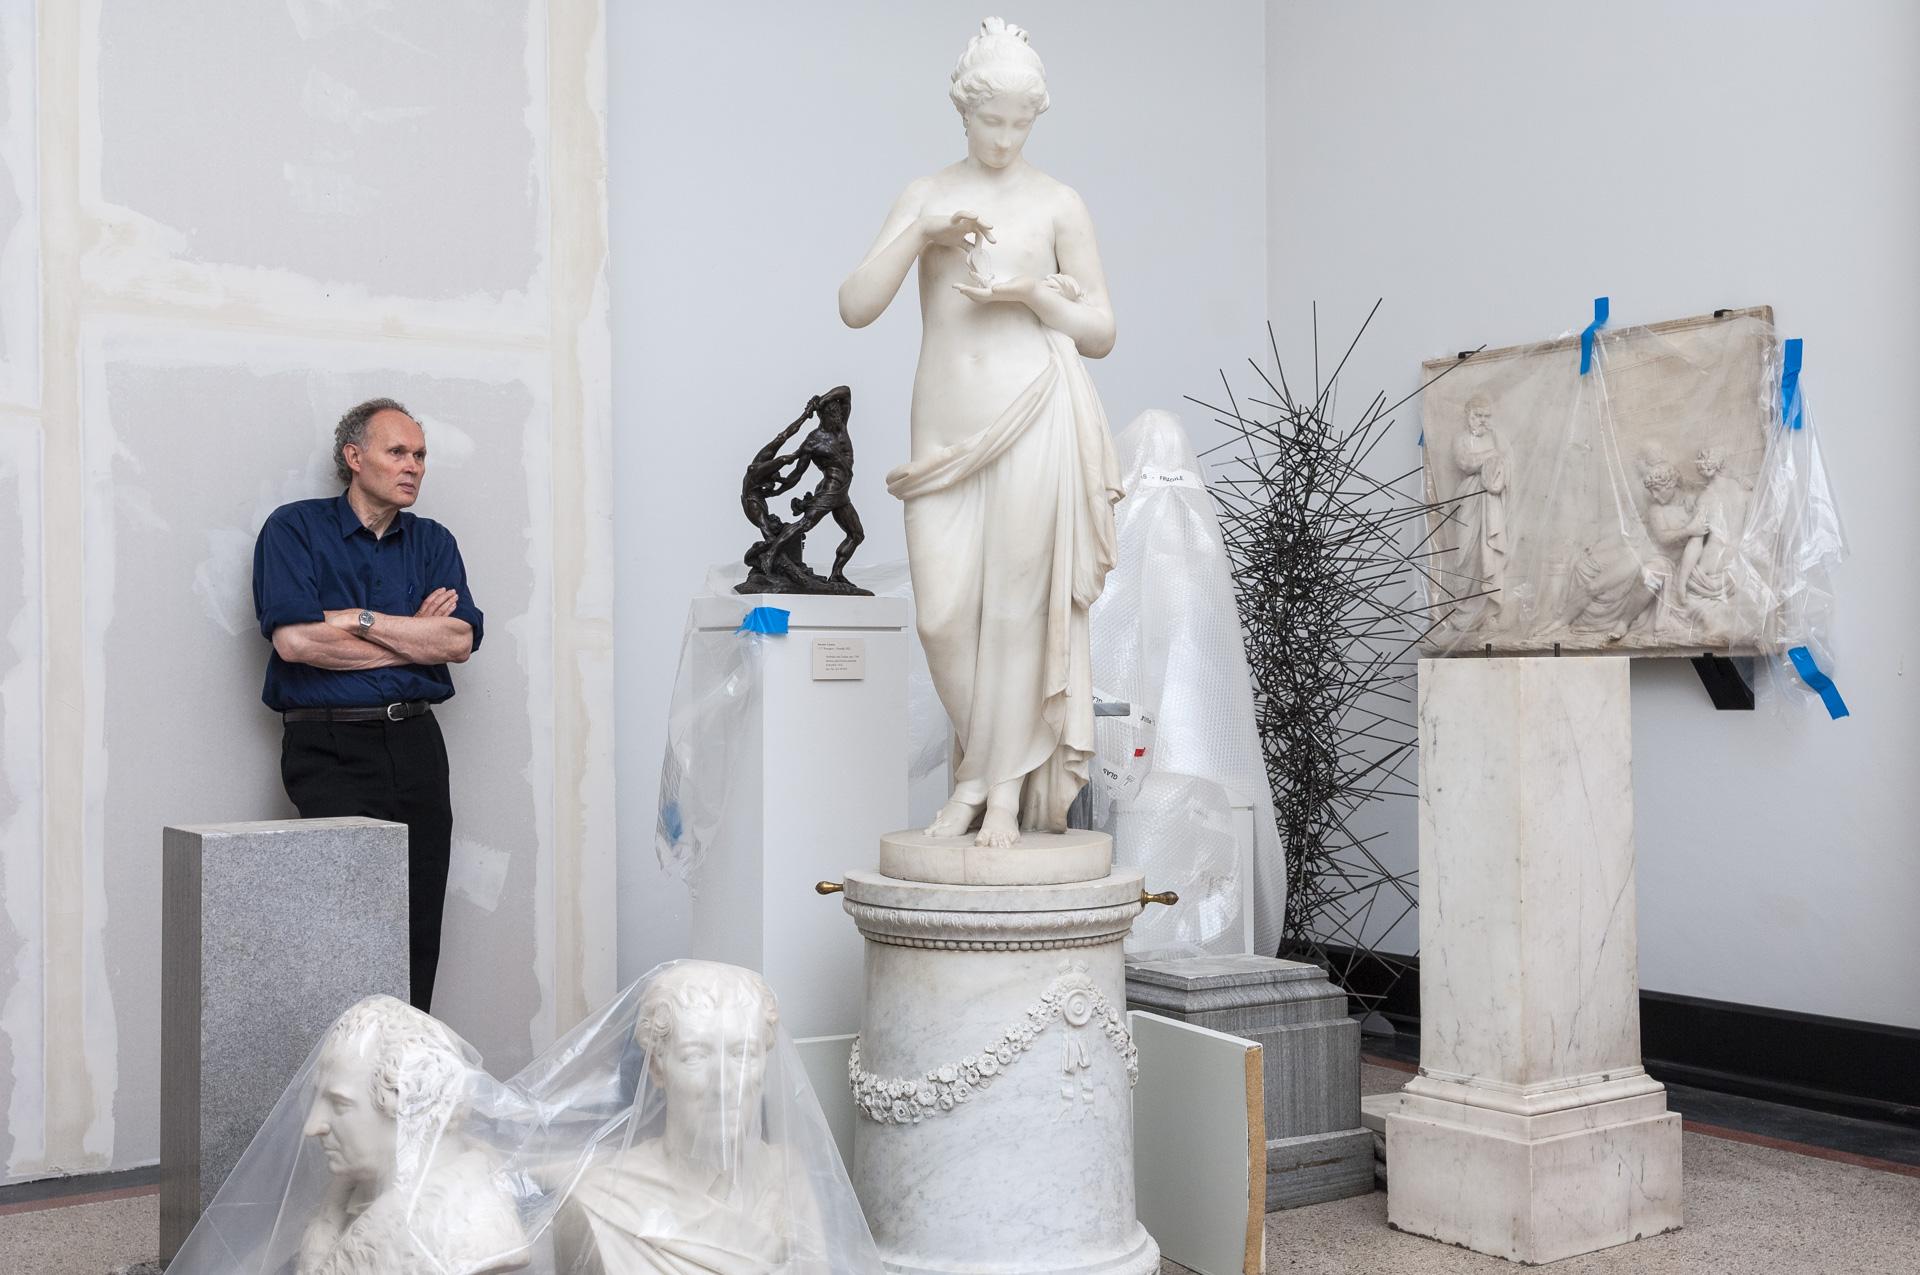 Der Kurator Wolfgang Hainke in der Bremer Kunsthalle vor antiken Skulpturen